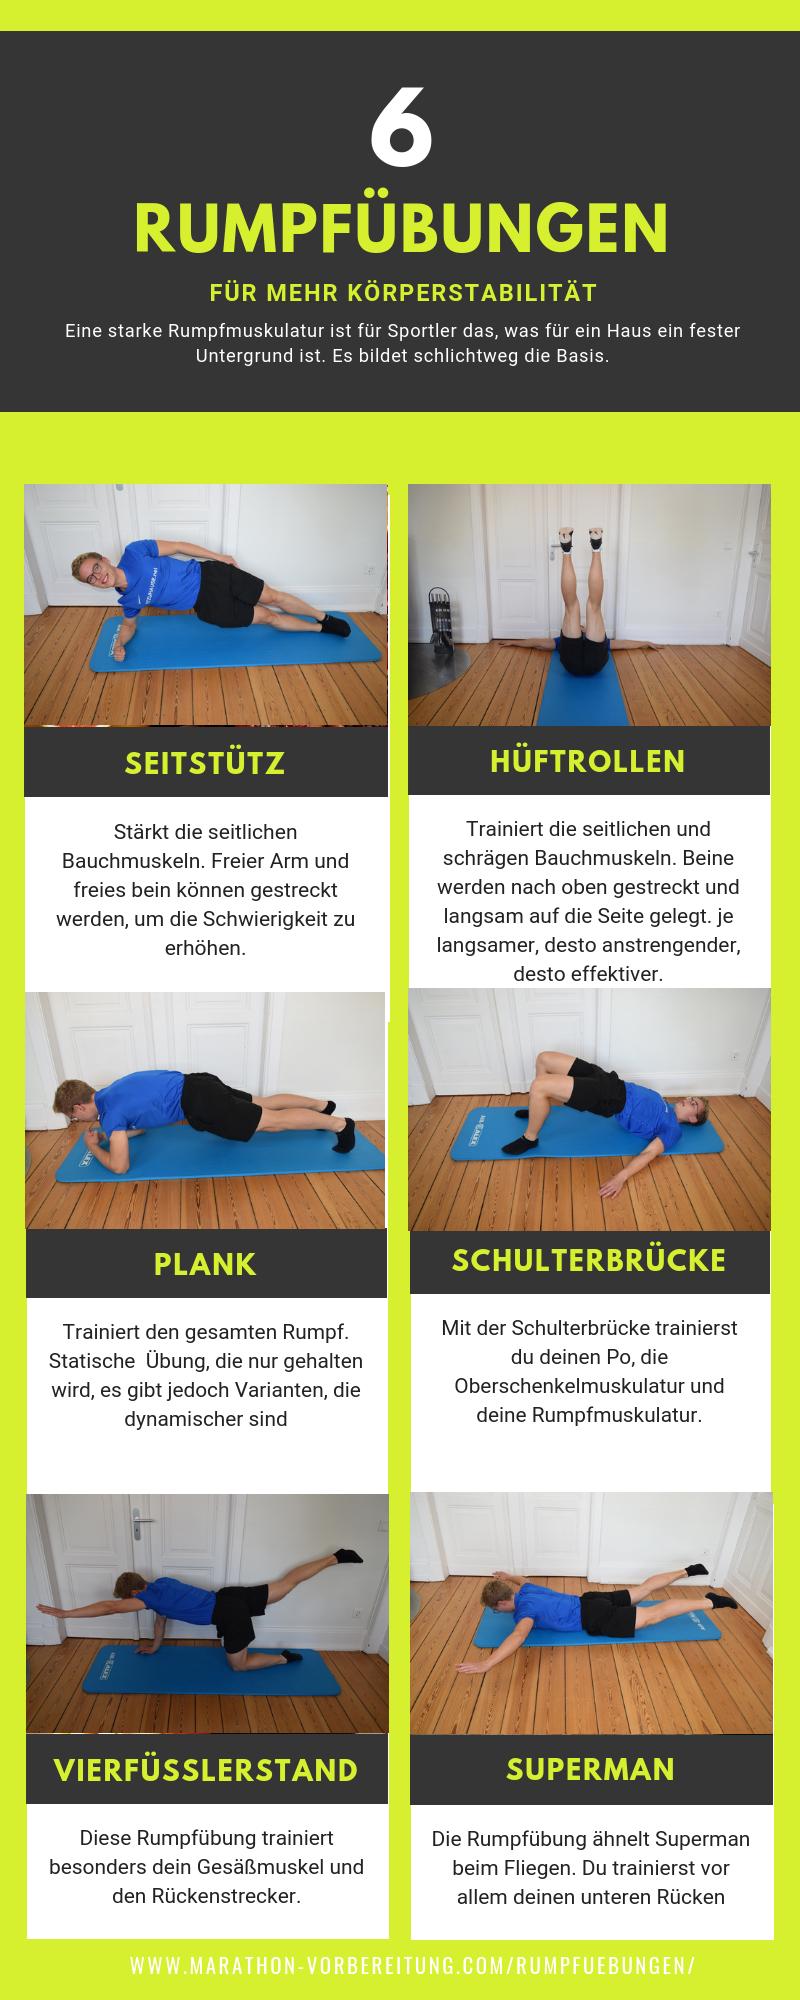 Rumpfübungen für mehr Körperstabilität [Läufer]